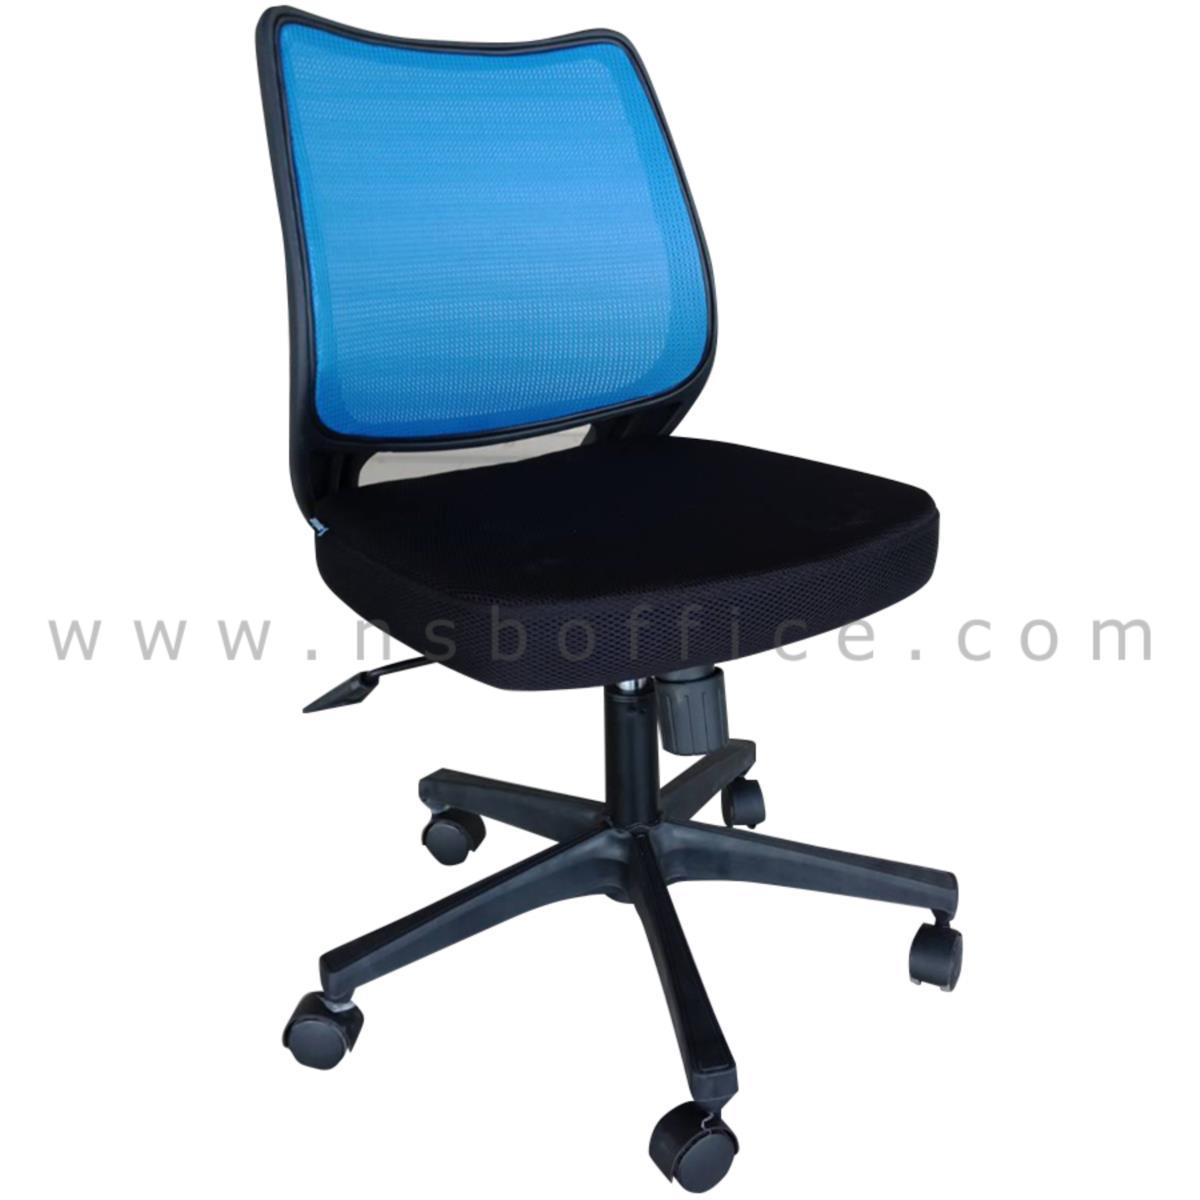 B24A168:เก้าอี้สำนักงานหลังเน็ต รุ่น Welton (เวลตัน)  มีก้อนโยก ขาพลาสติก